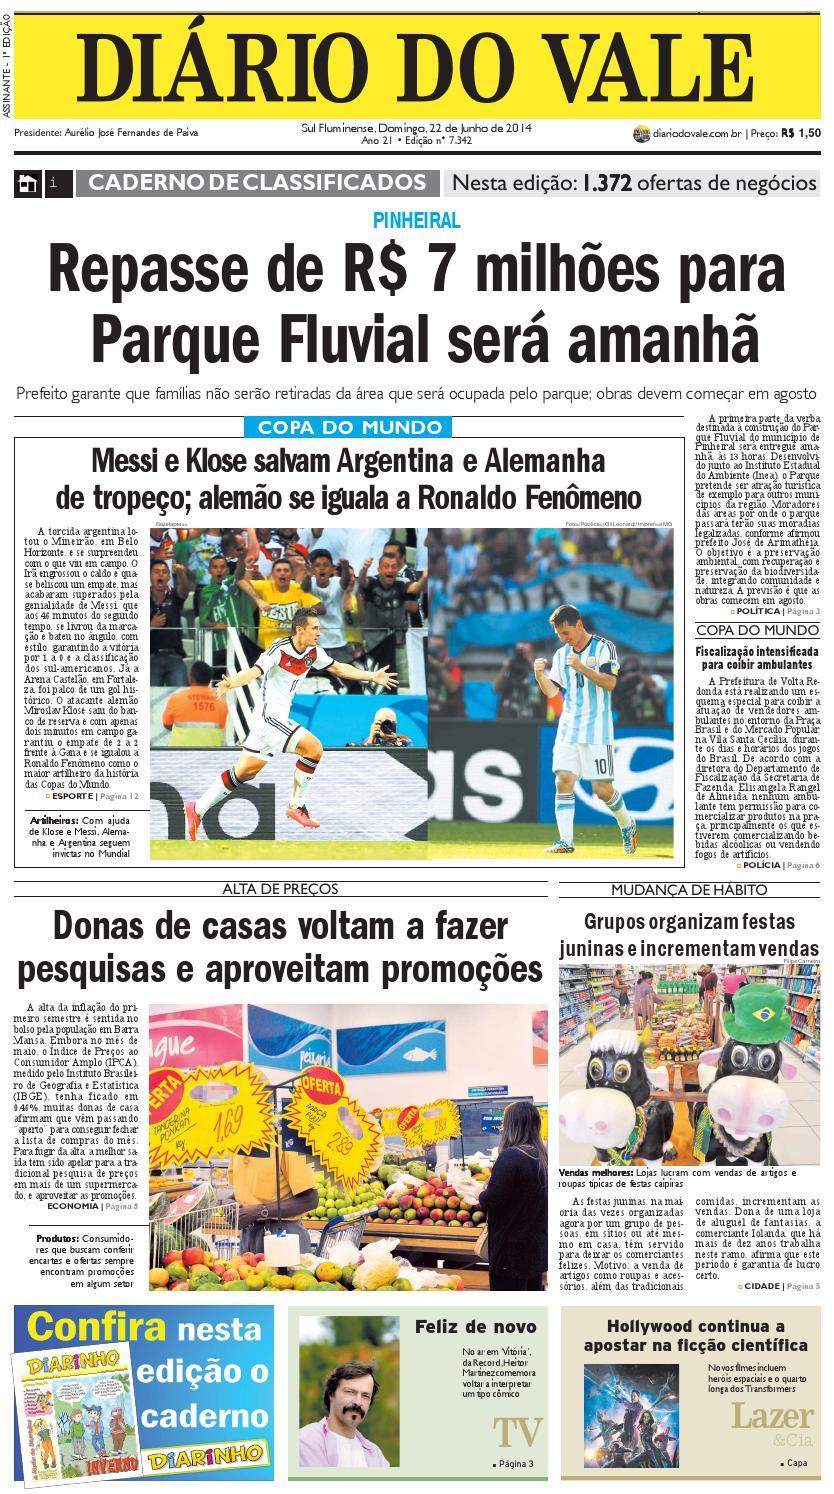 9a81e740f906e Completo 7342 diario domingo 22 06 20142 by Diário do Vale - issuu